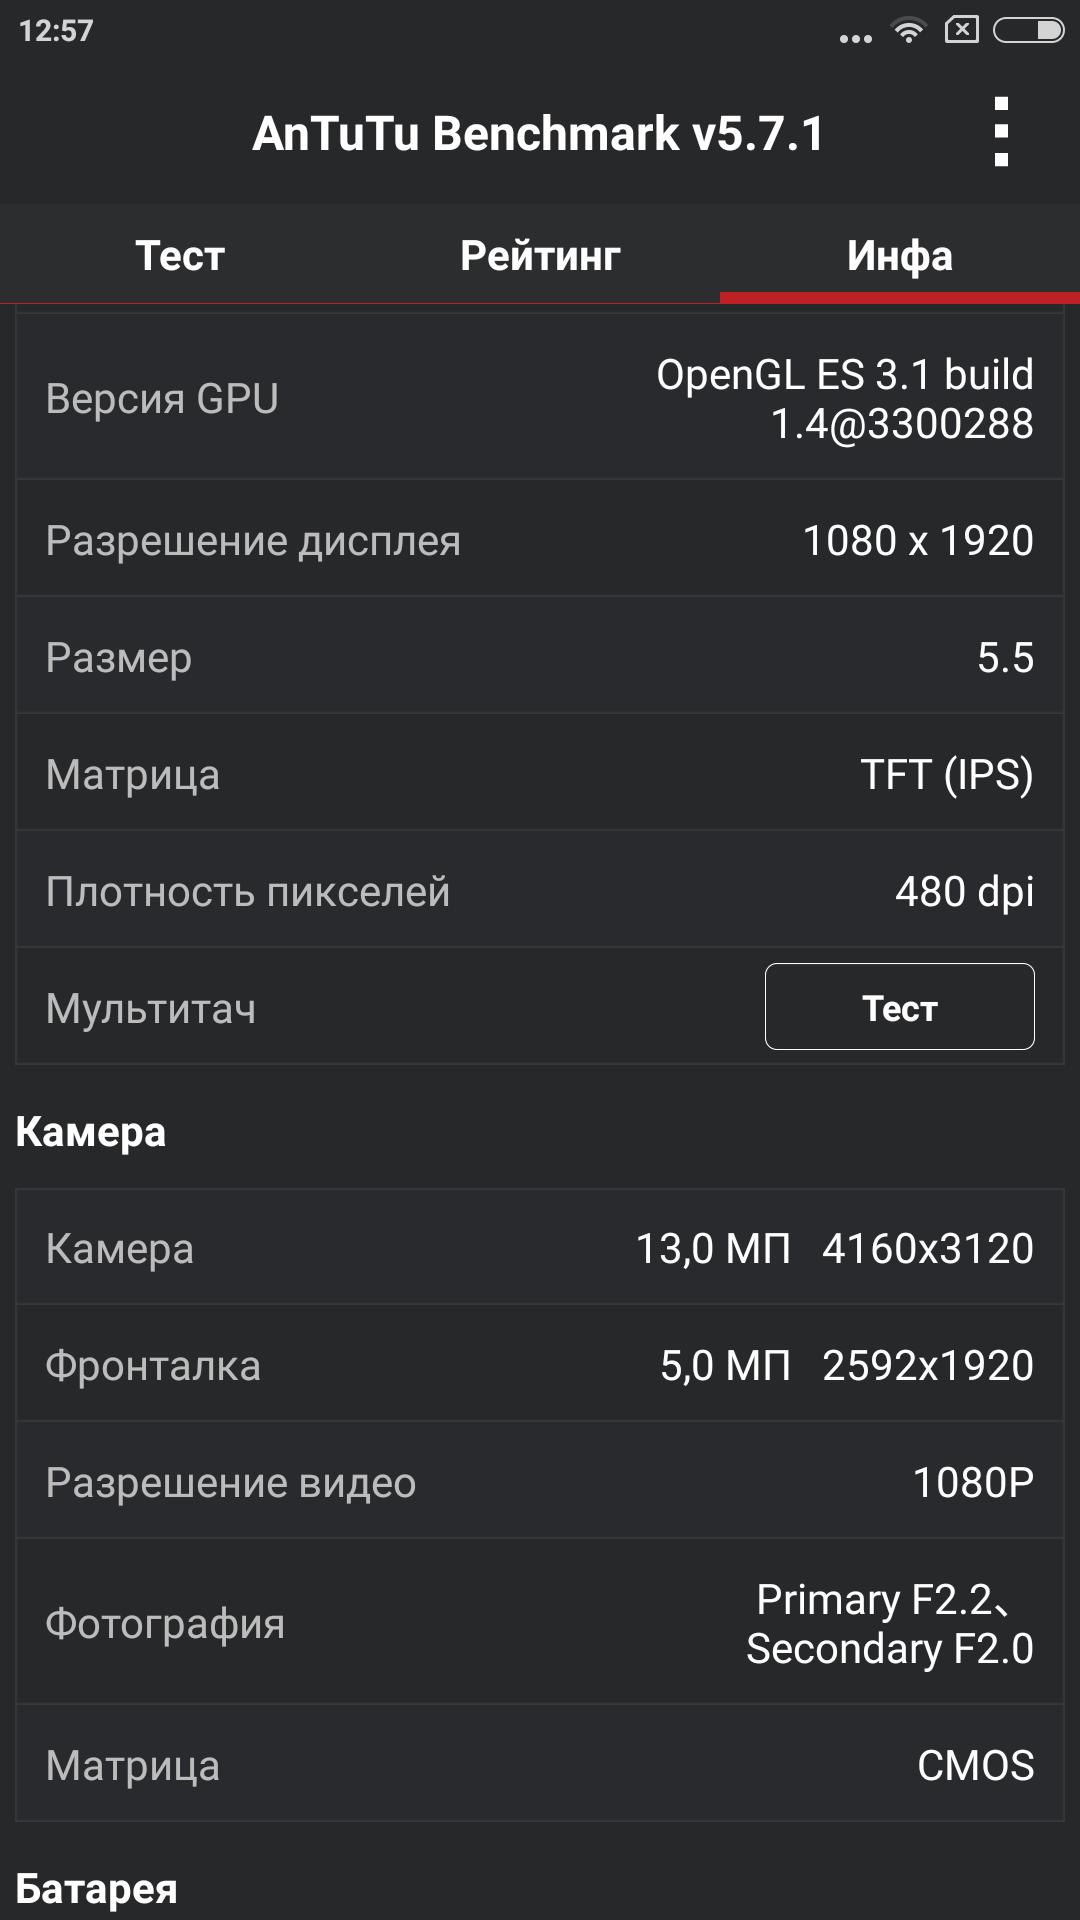 Обзор лучшего бюджетника 2015 года — Xiaomi Redmi Note 2 - 53